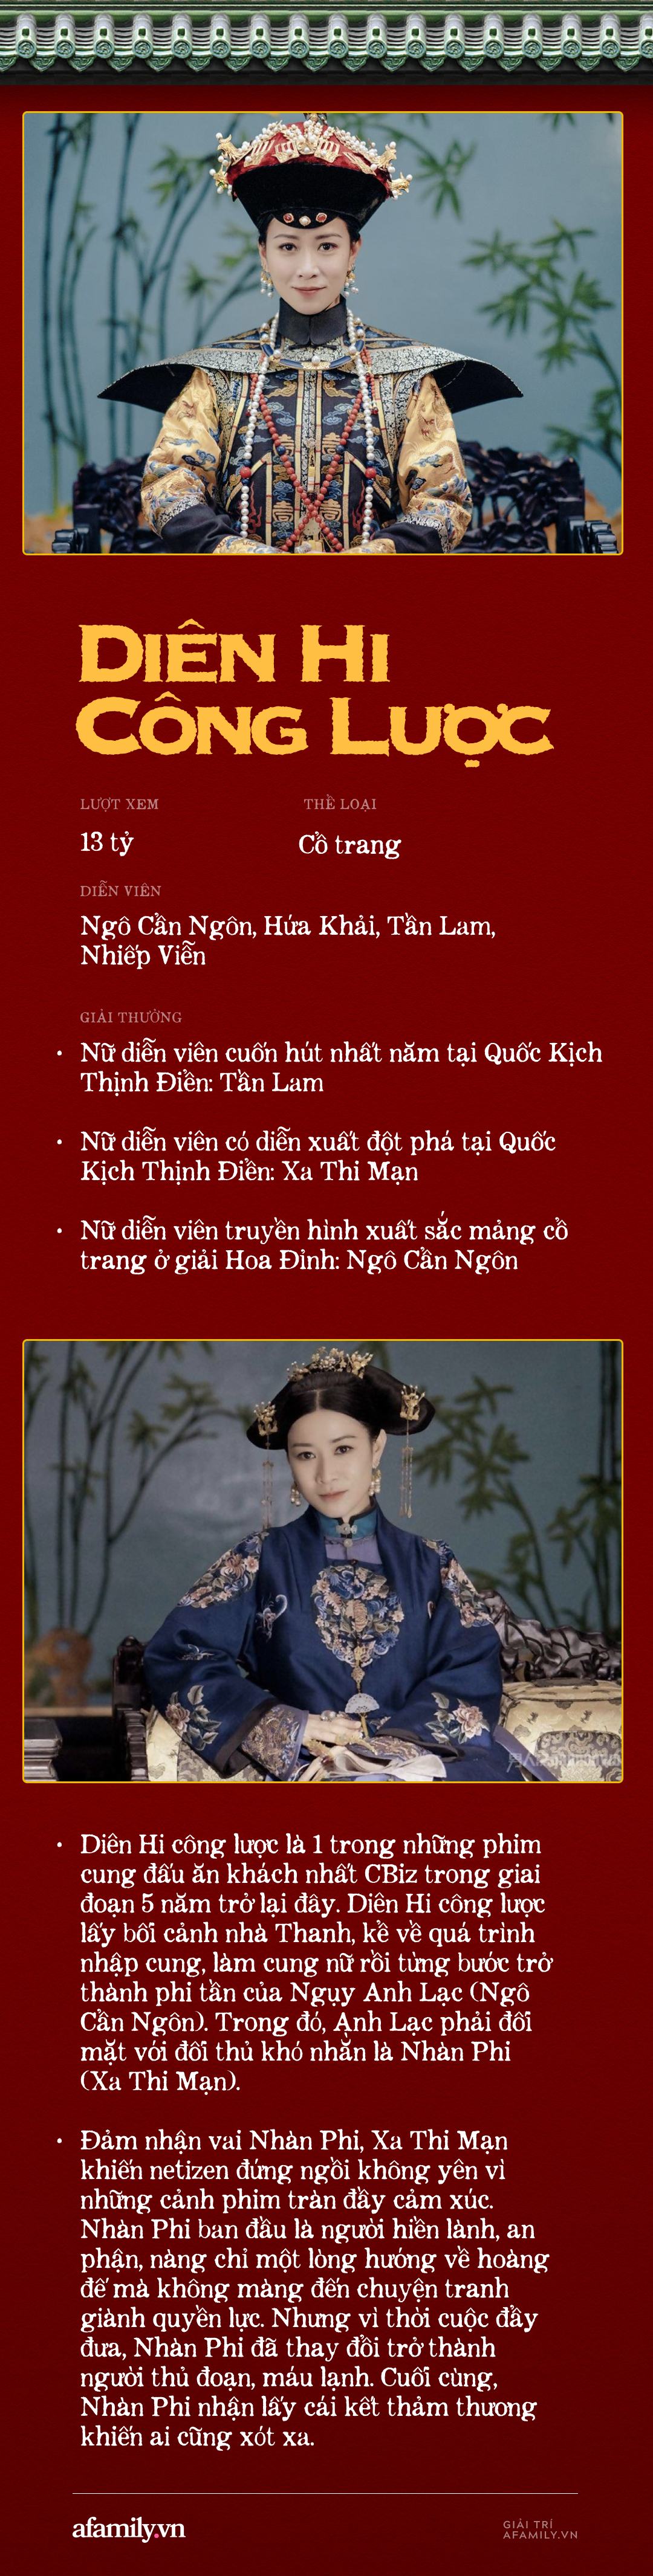 Xa Thi Mạn: Nữ hoàng cung đấu TVB, sốc nhất là màn khoe da thịt ở phim đạt rating kỷ lục, có cả phim đạt 13 tỷ lượt xem - Ảnh 4.